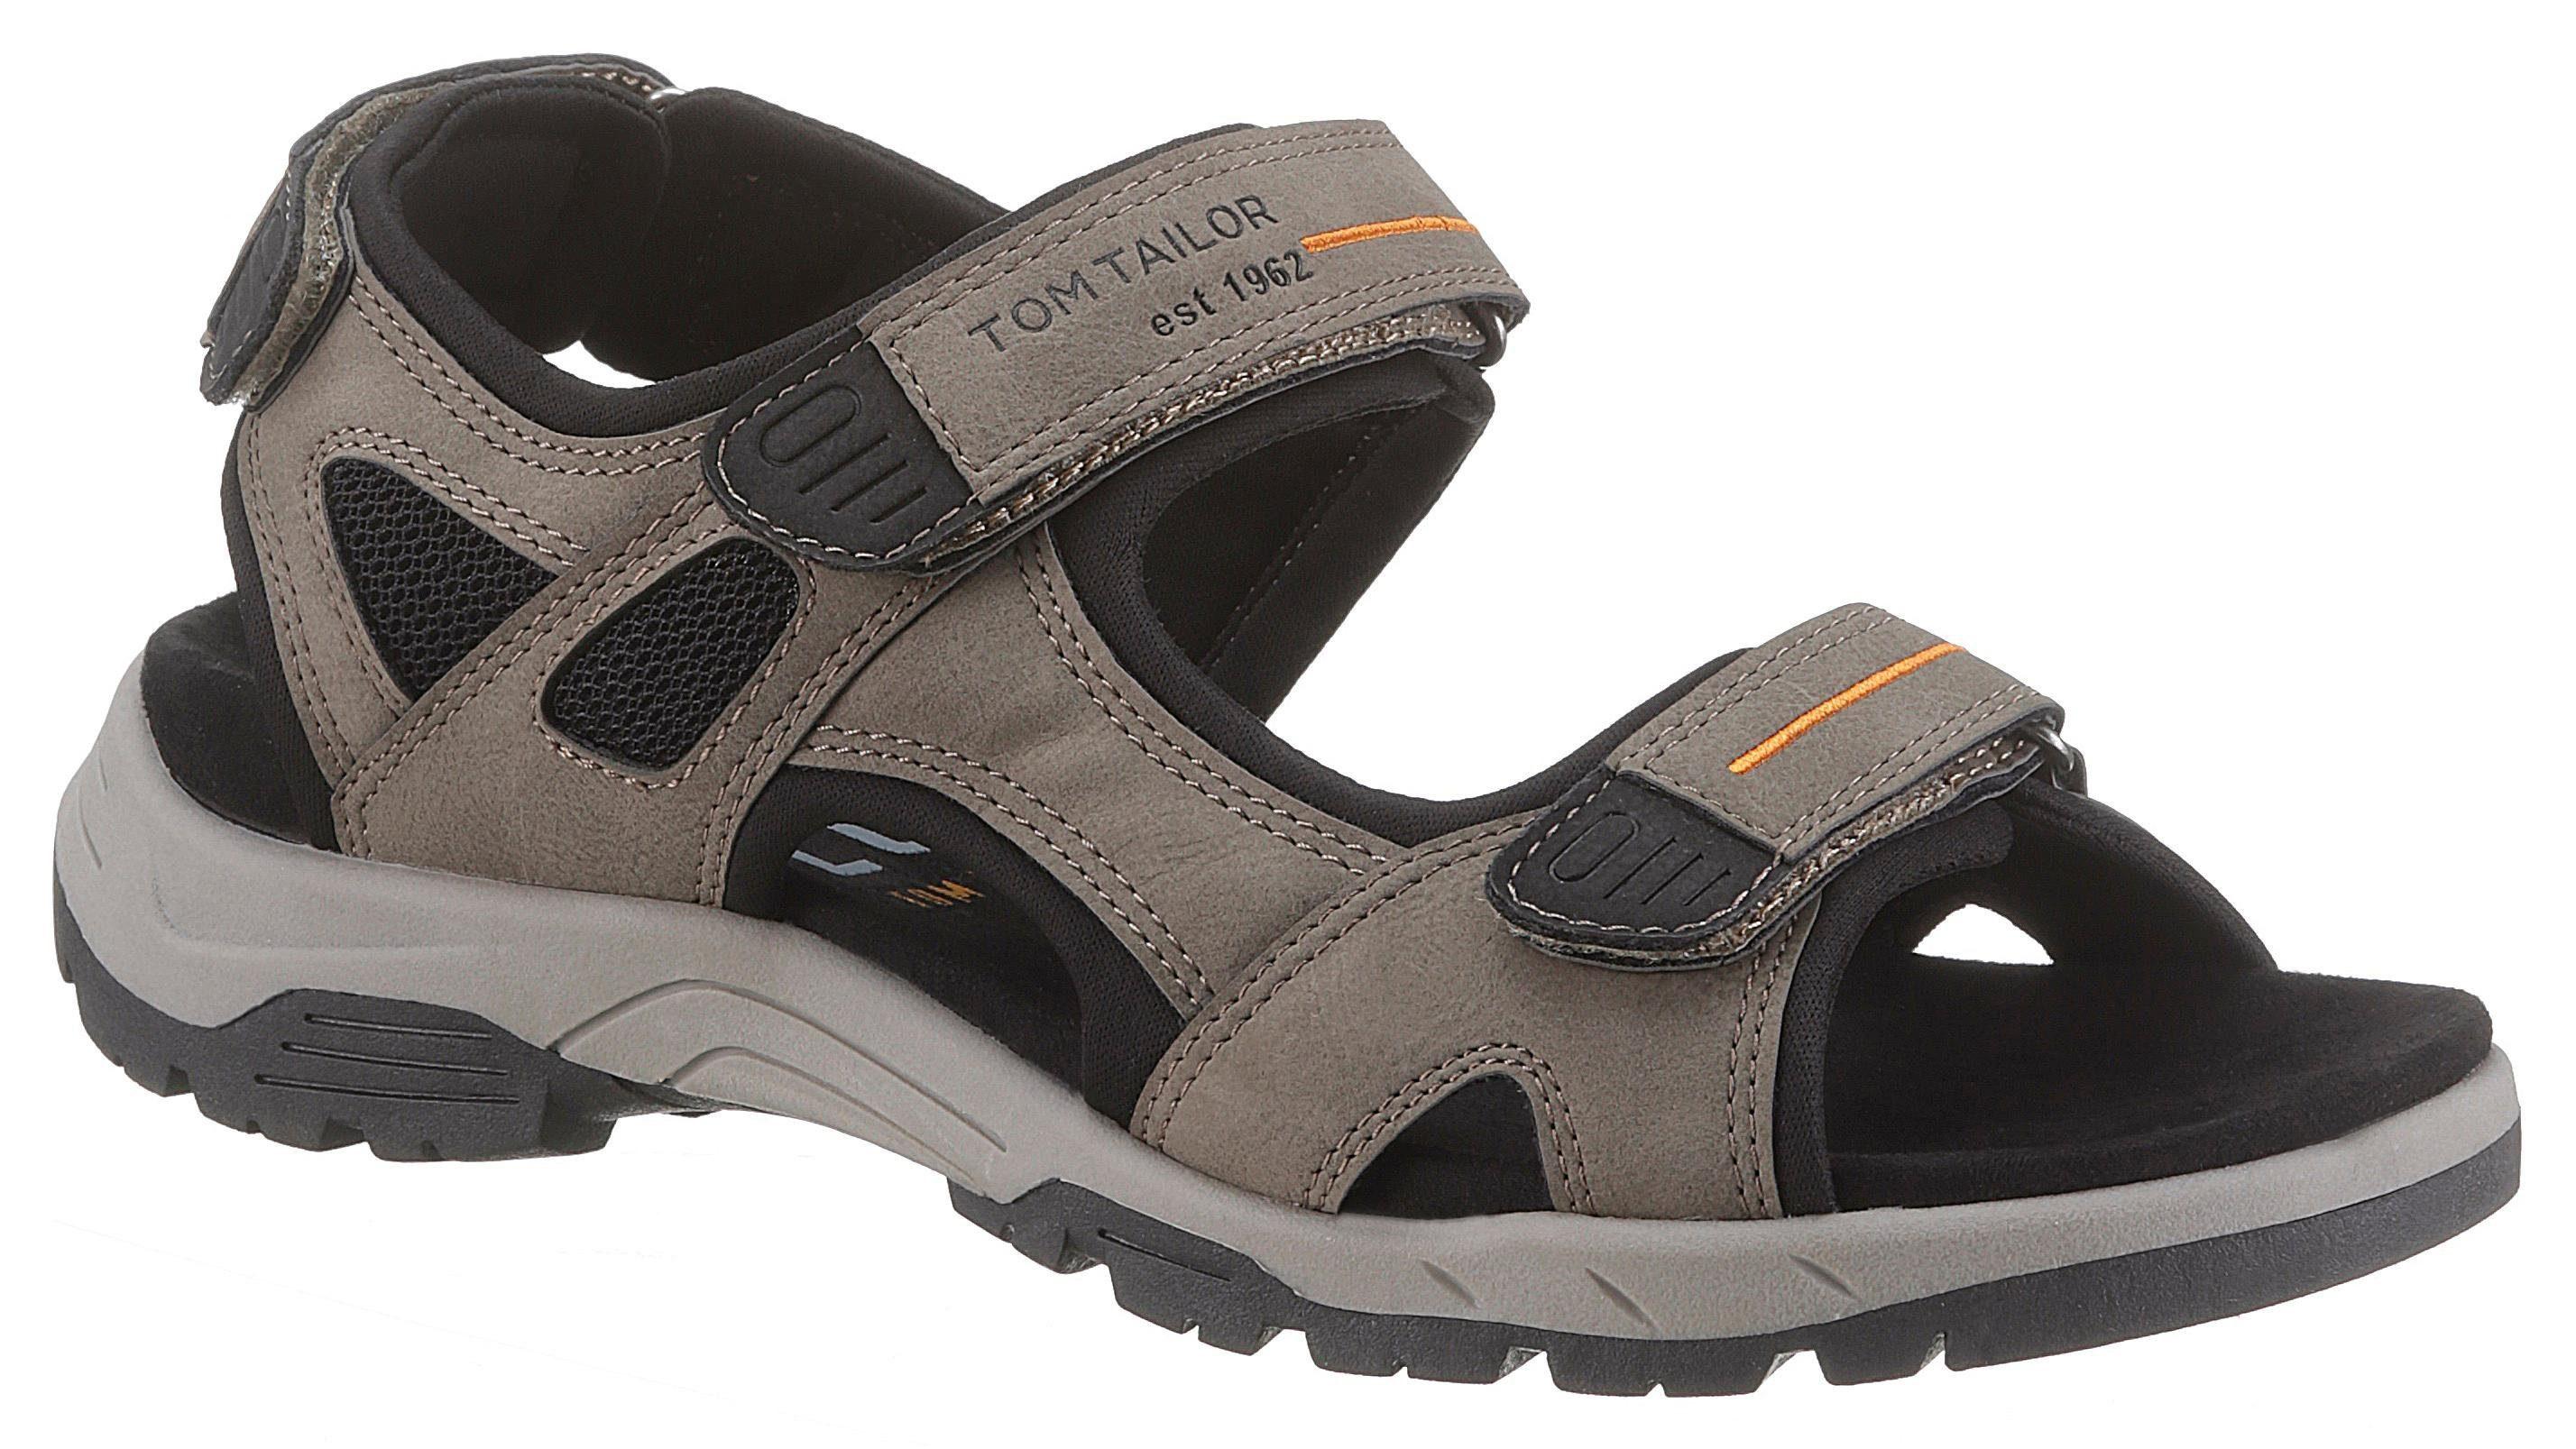 Sandale mit praktischen Klettverschlüssen